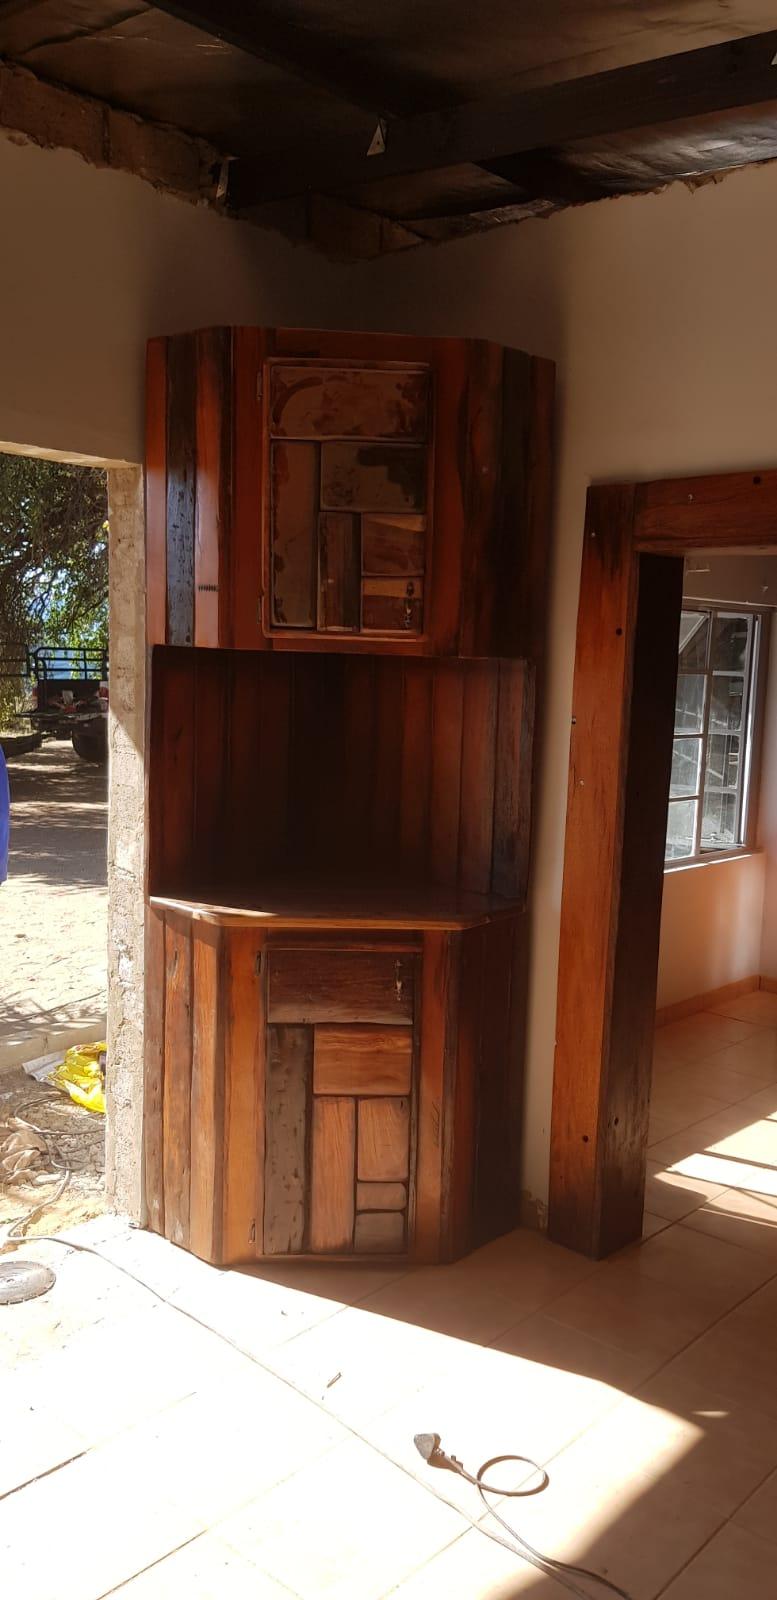 Kitchens and wall units and wardrobe